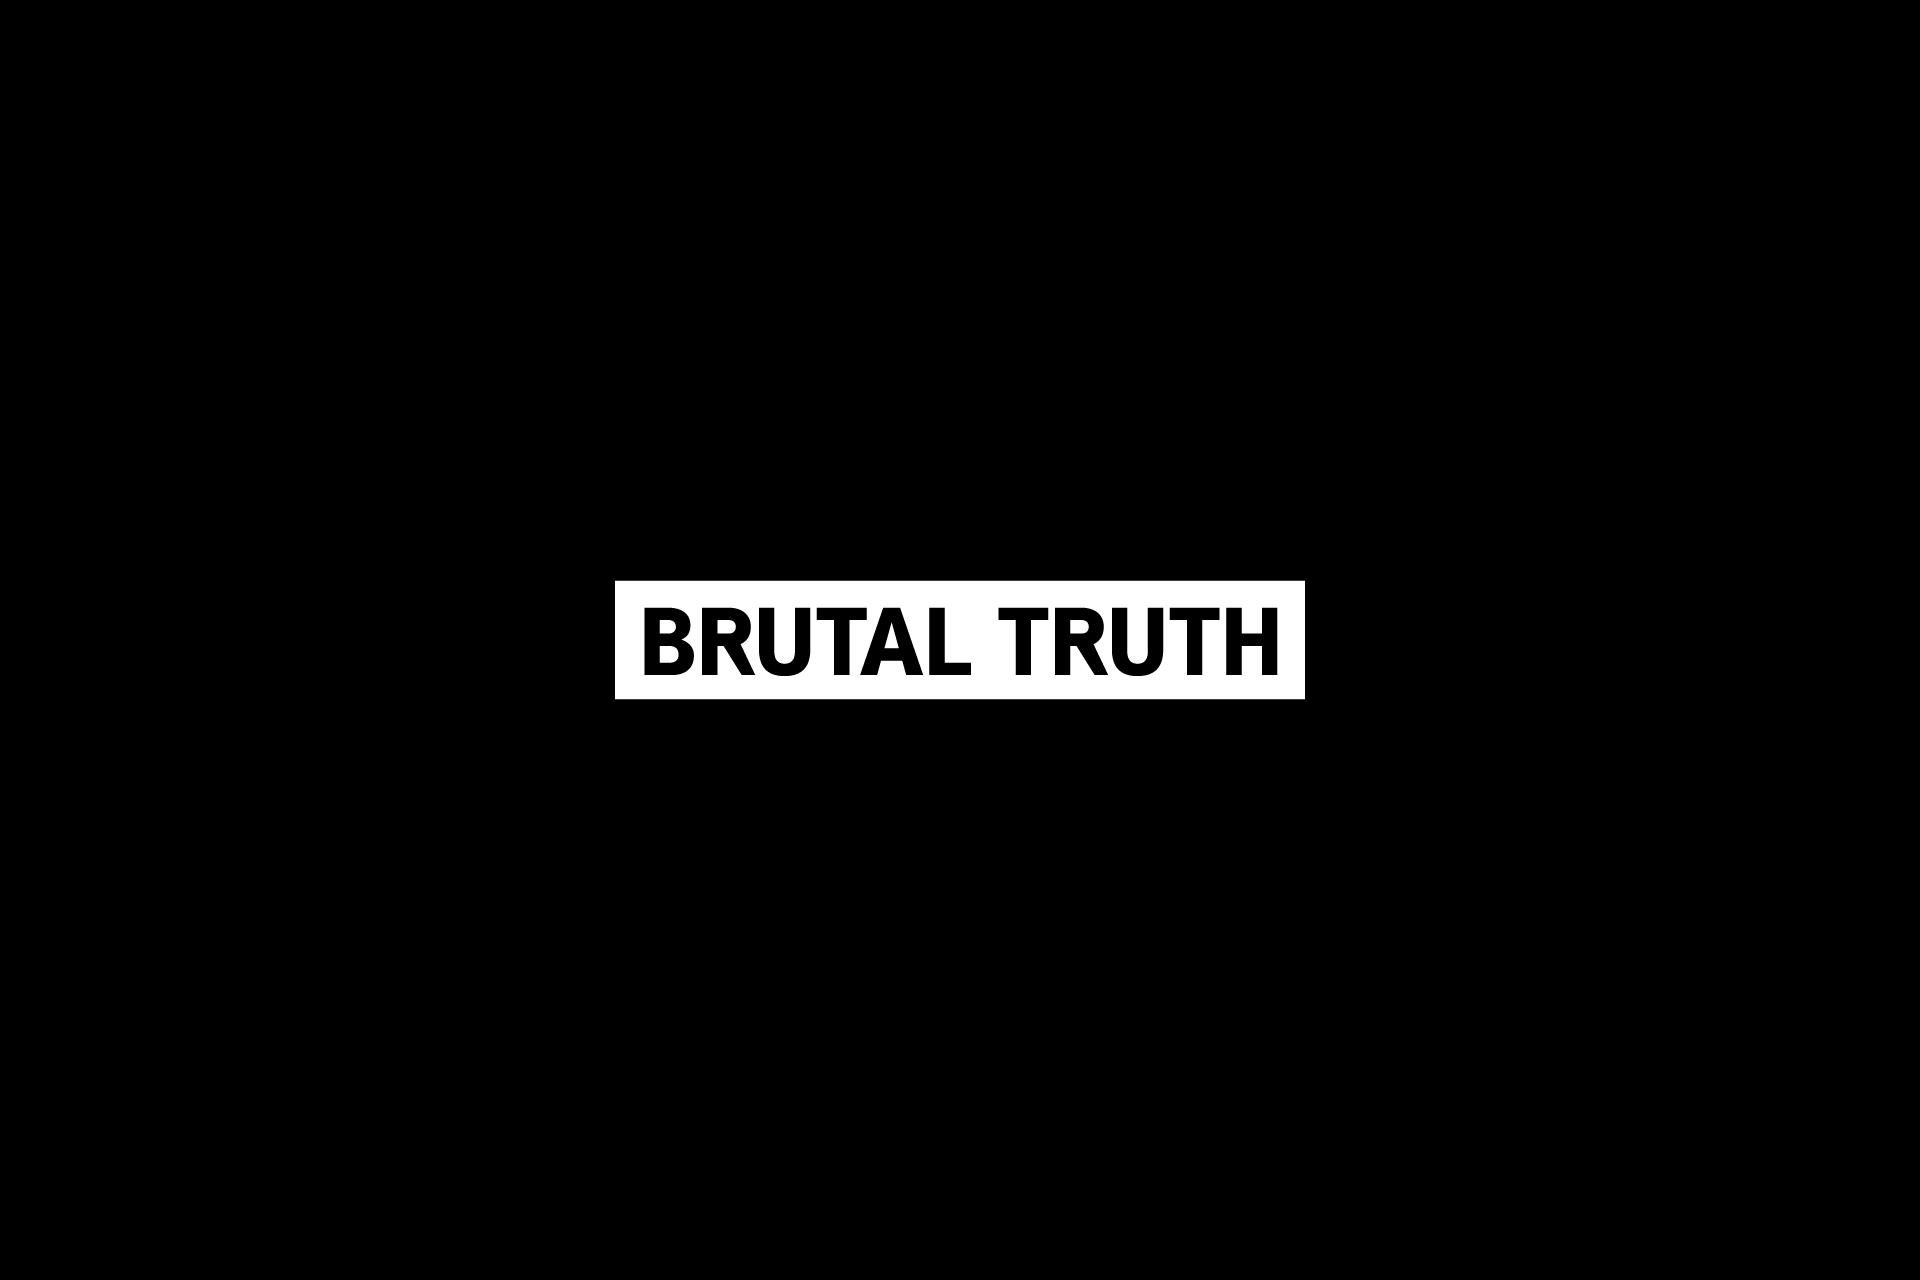 genh-logos-brutaltruth.png